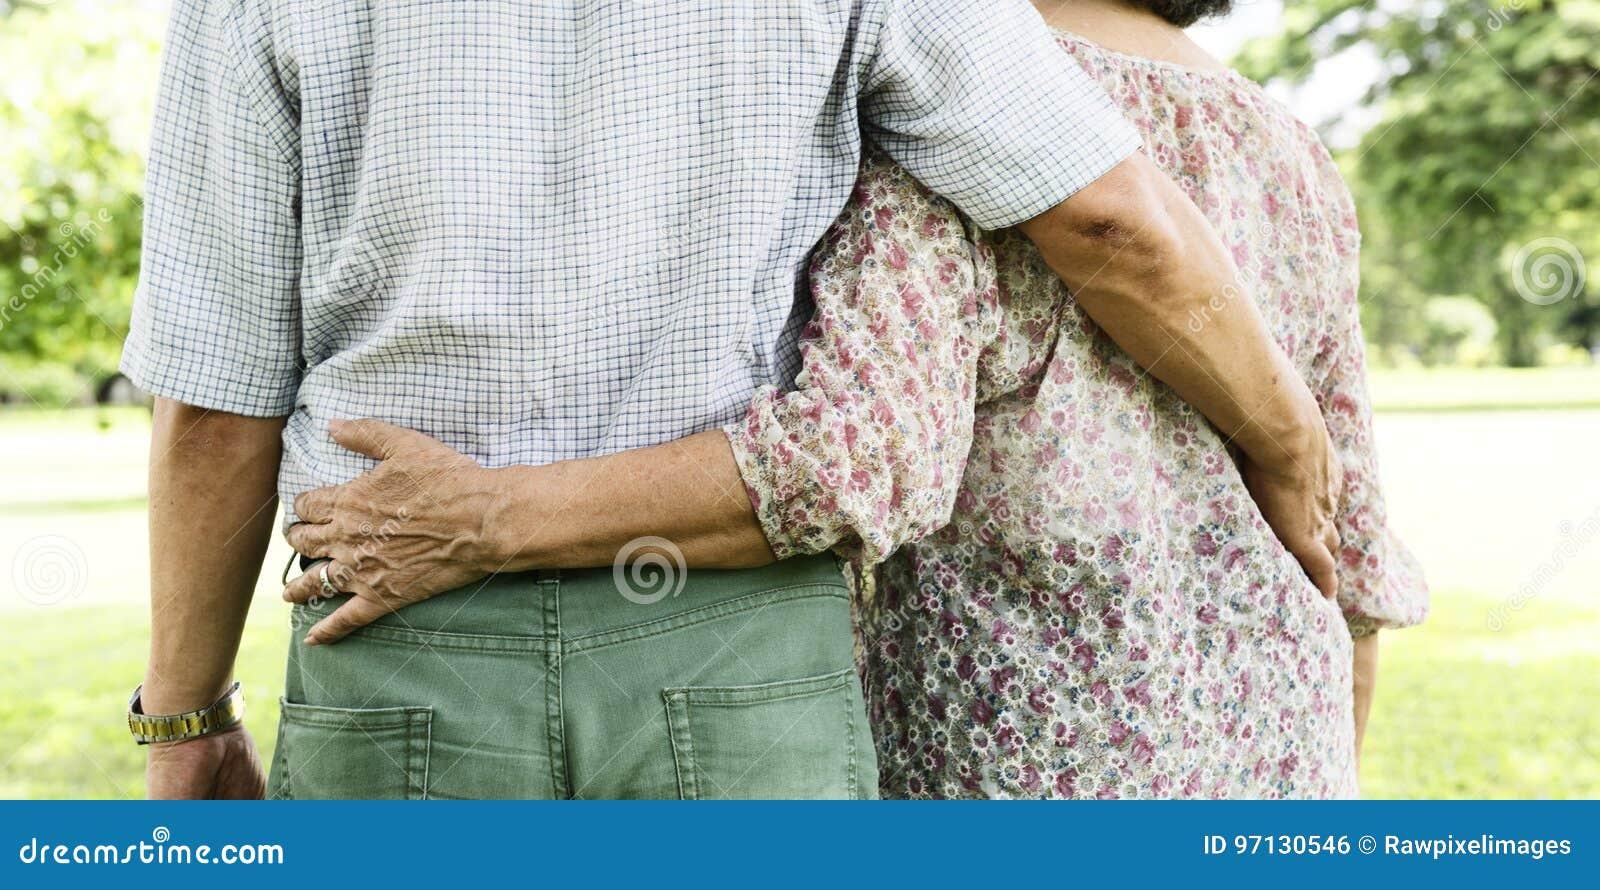 Σύζυγος συζύγων ζεύγους που χρονολογεί την έννοια αγάπης χαλάρωσης